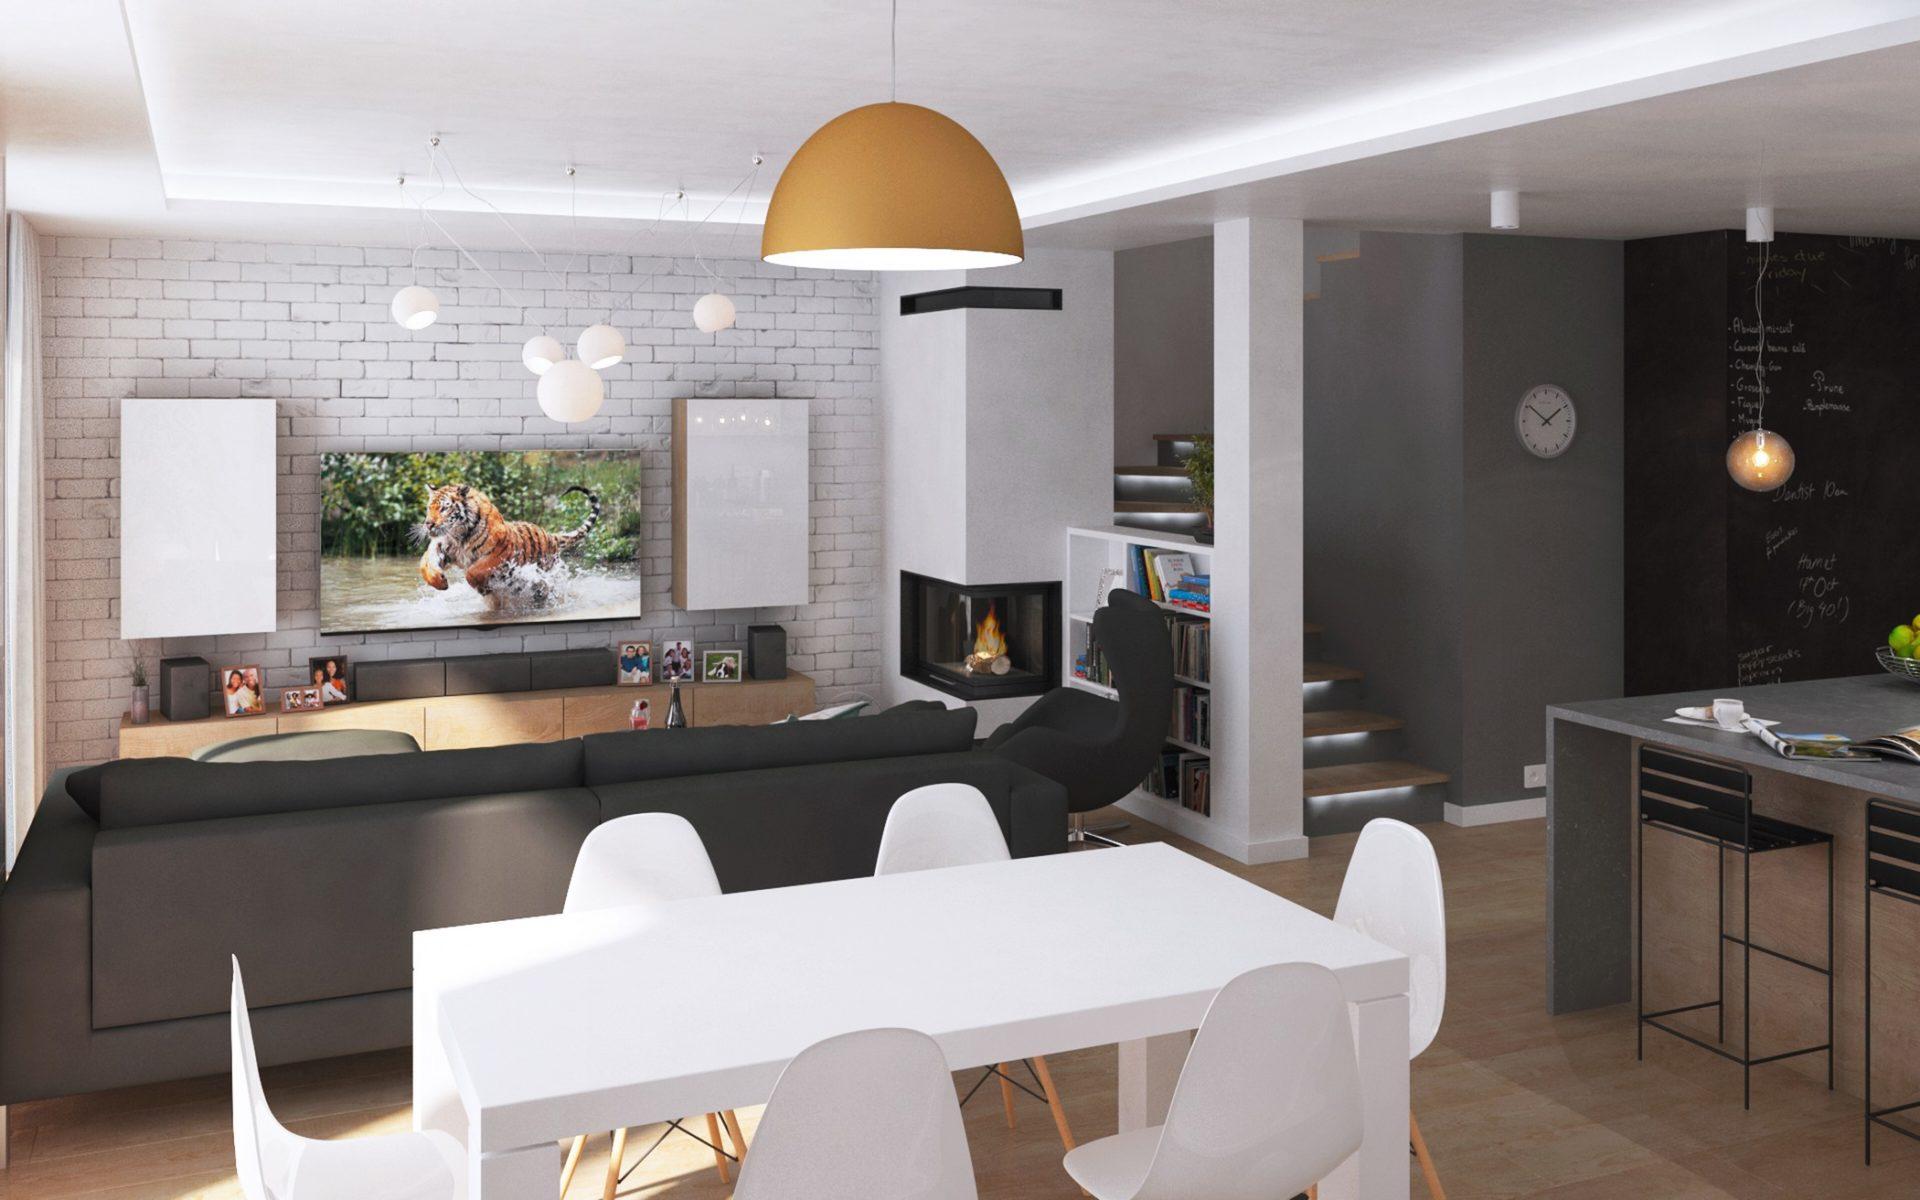 projekt aranżacji wnętrza domu jednorodzinnego Śląsk